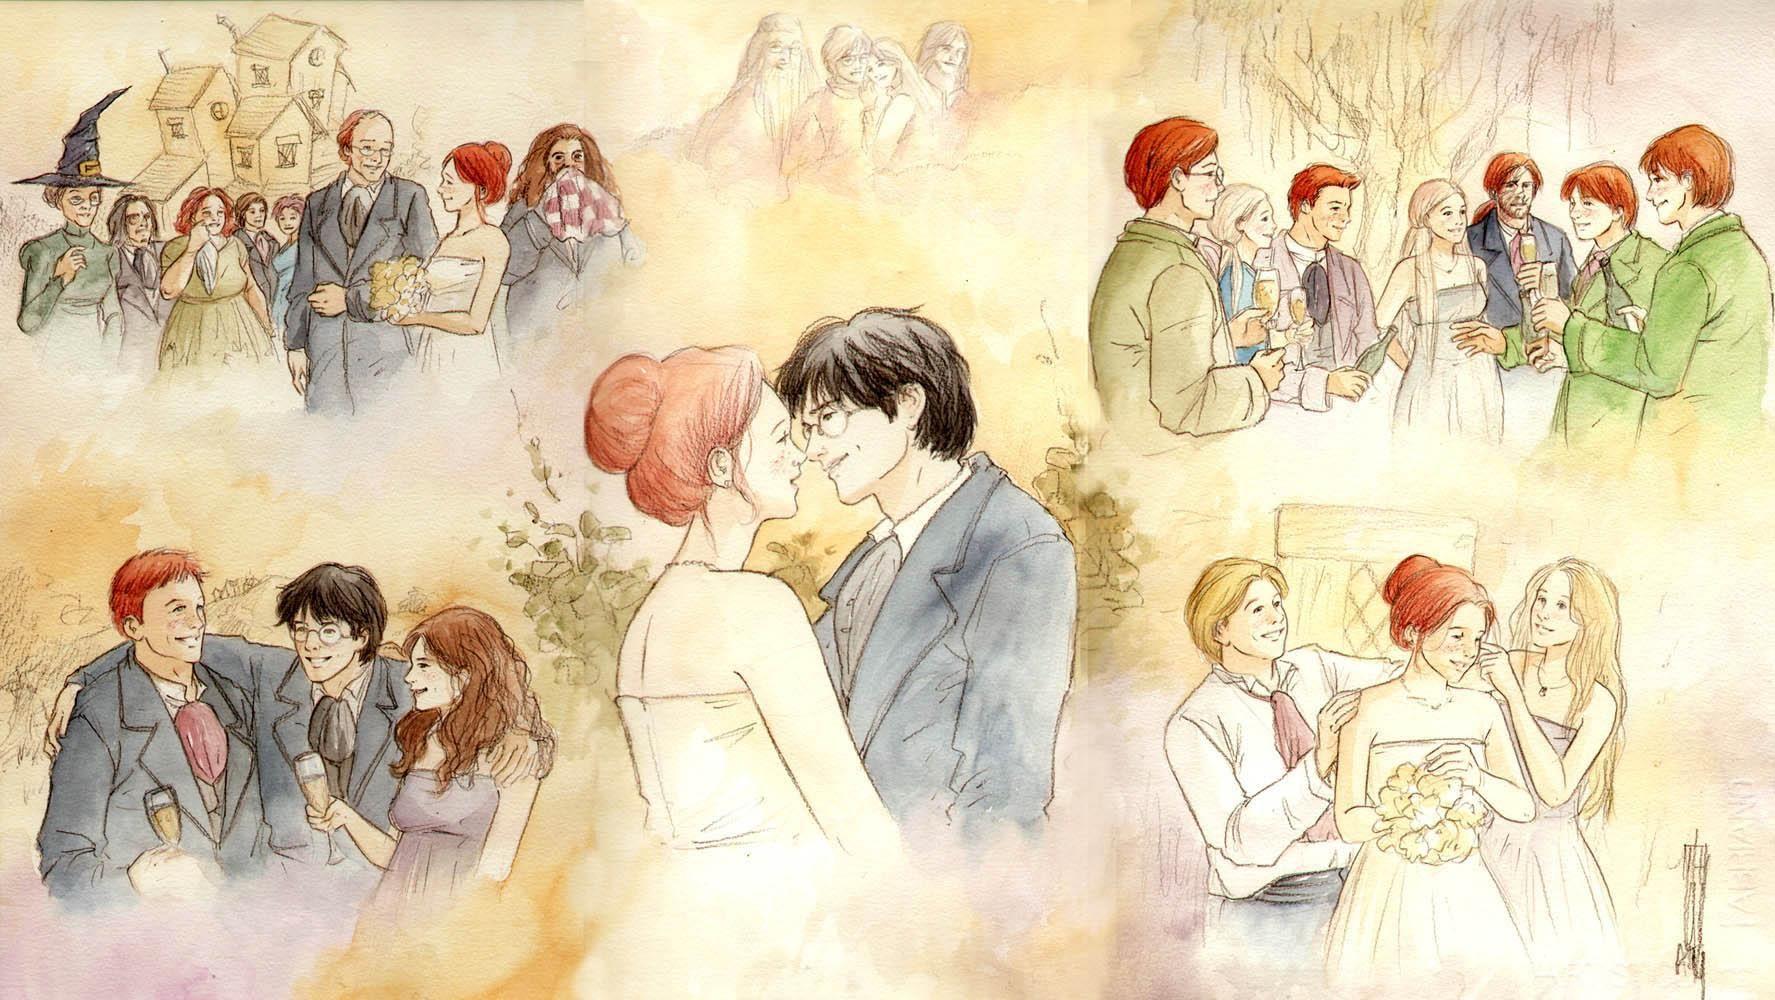 Casamento de Harry e Gina